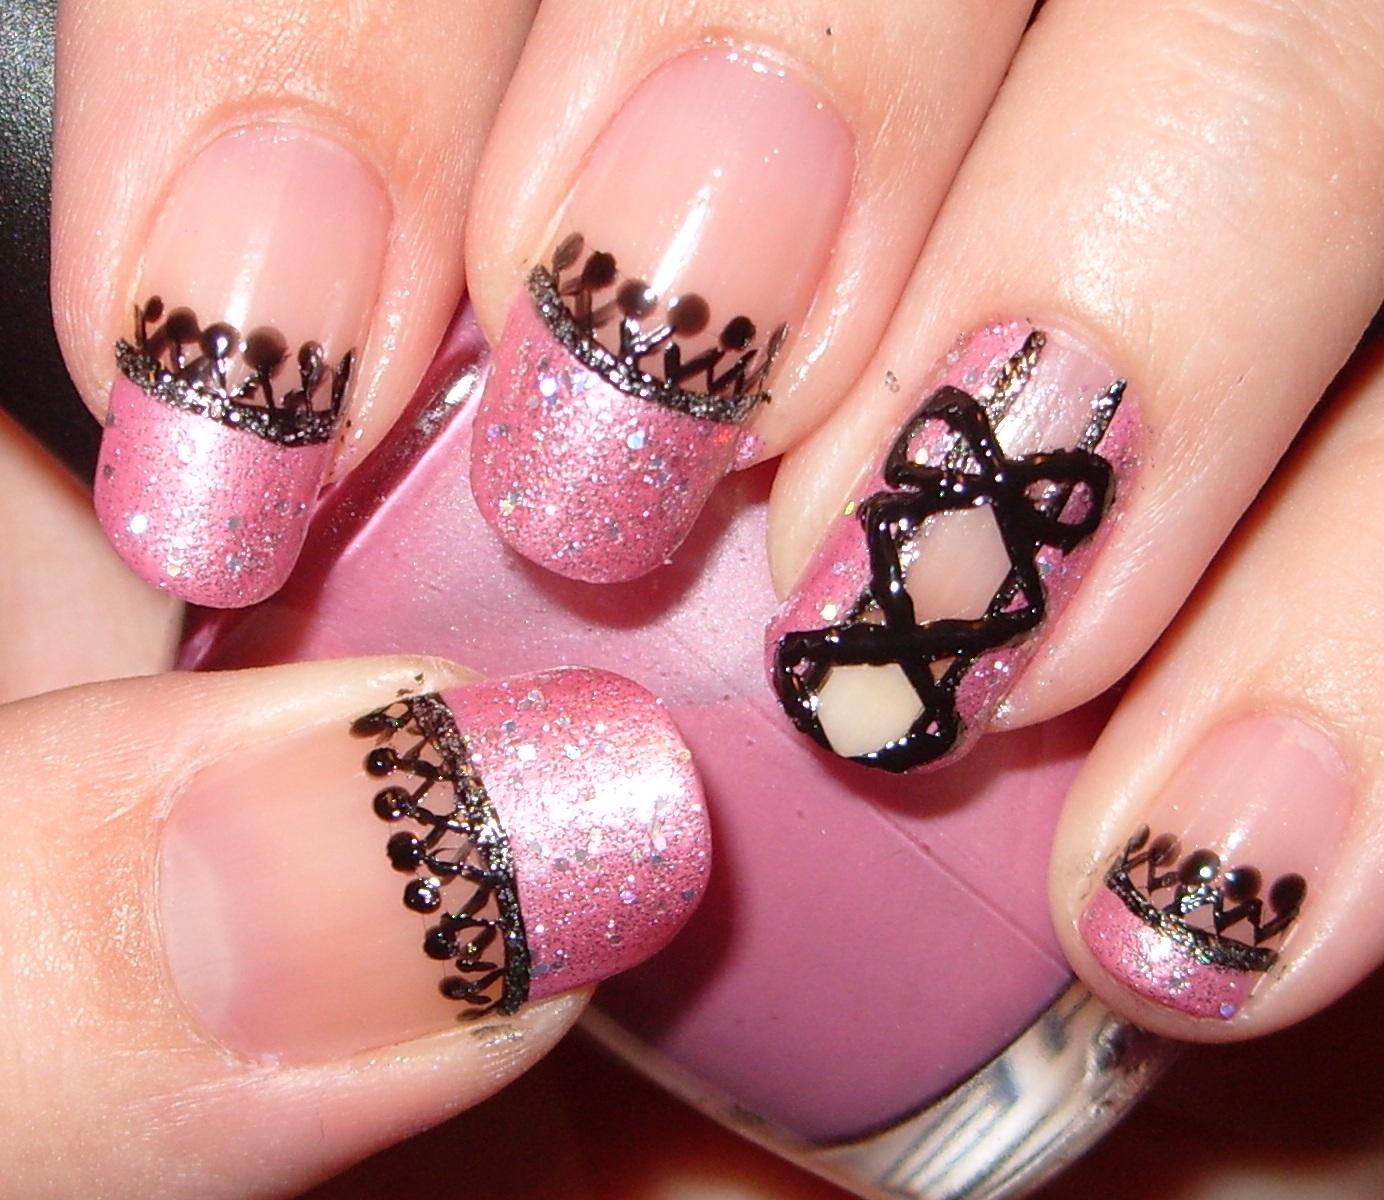 Red Nail Art: Sharihearts: Pink & Black Corset Nail Art